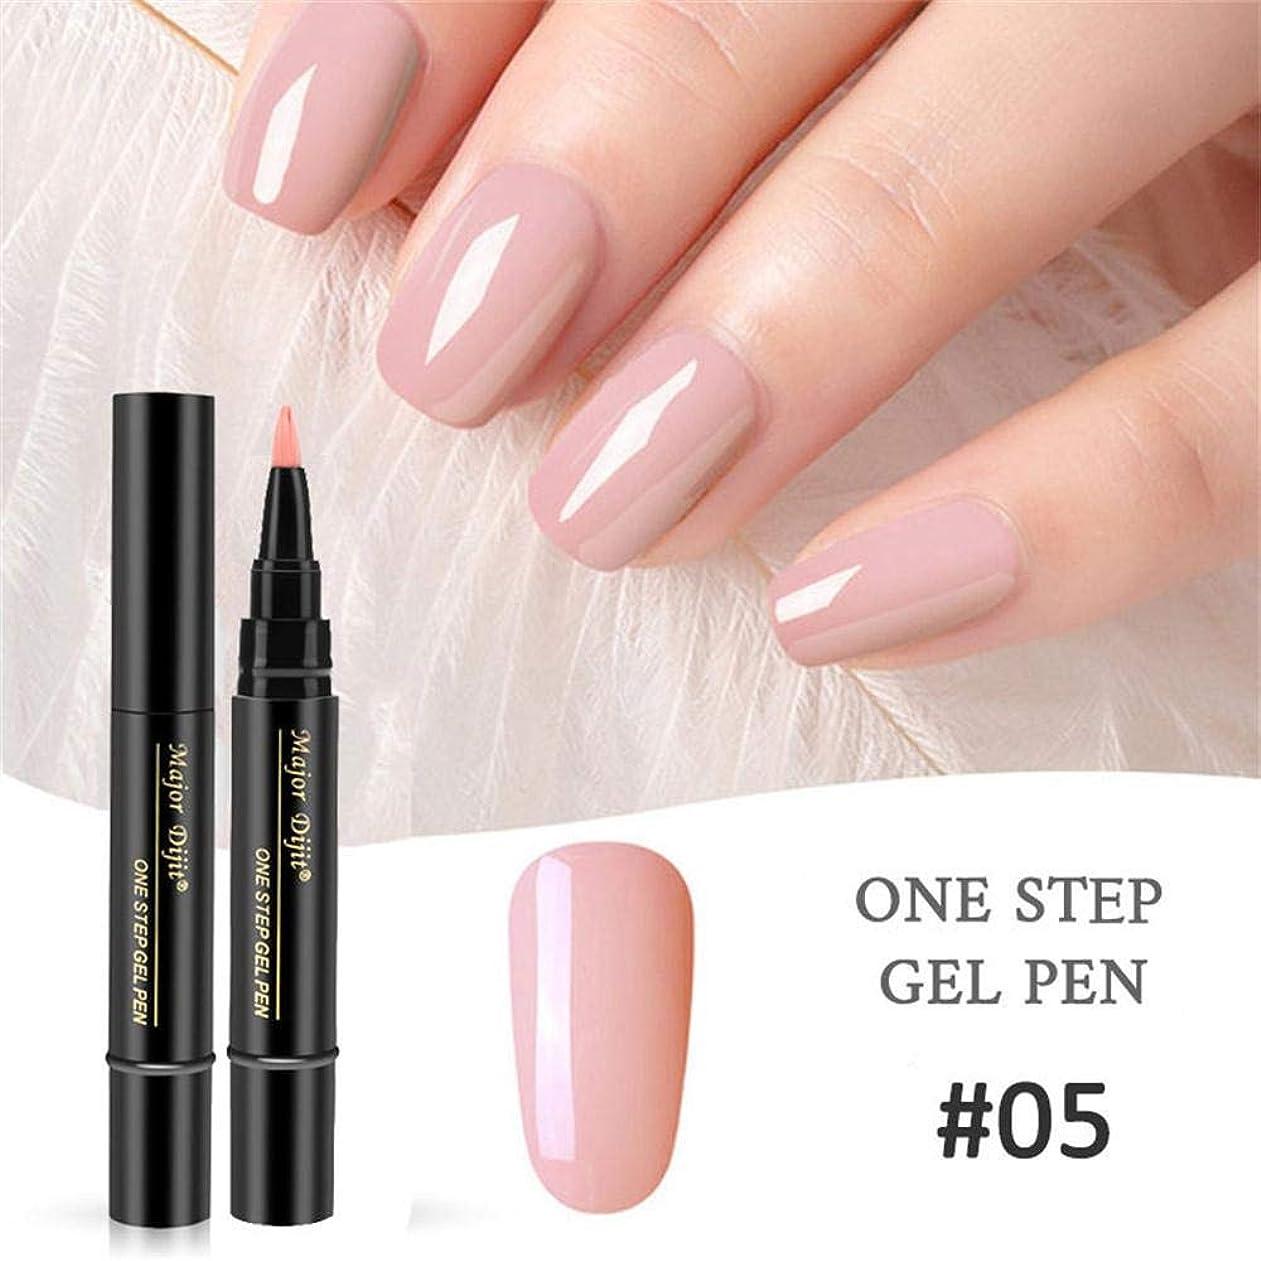 思春期の歌手吸収Mimoonkaka ネイルカラー ネイルジェル ペイント ワニスペン ステップ ネイル UV ジェルを使用する 完璧 簡単 1セット3PC